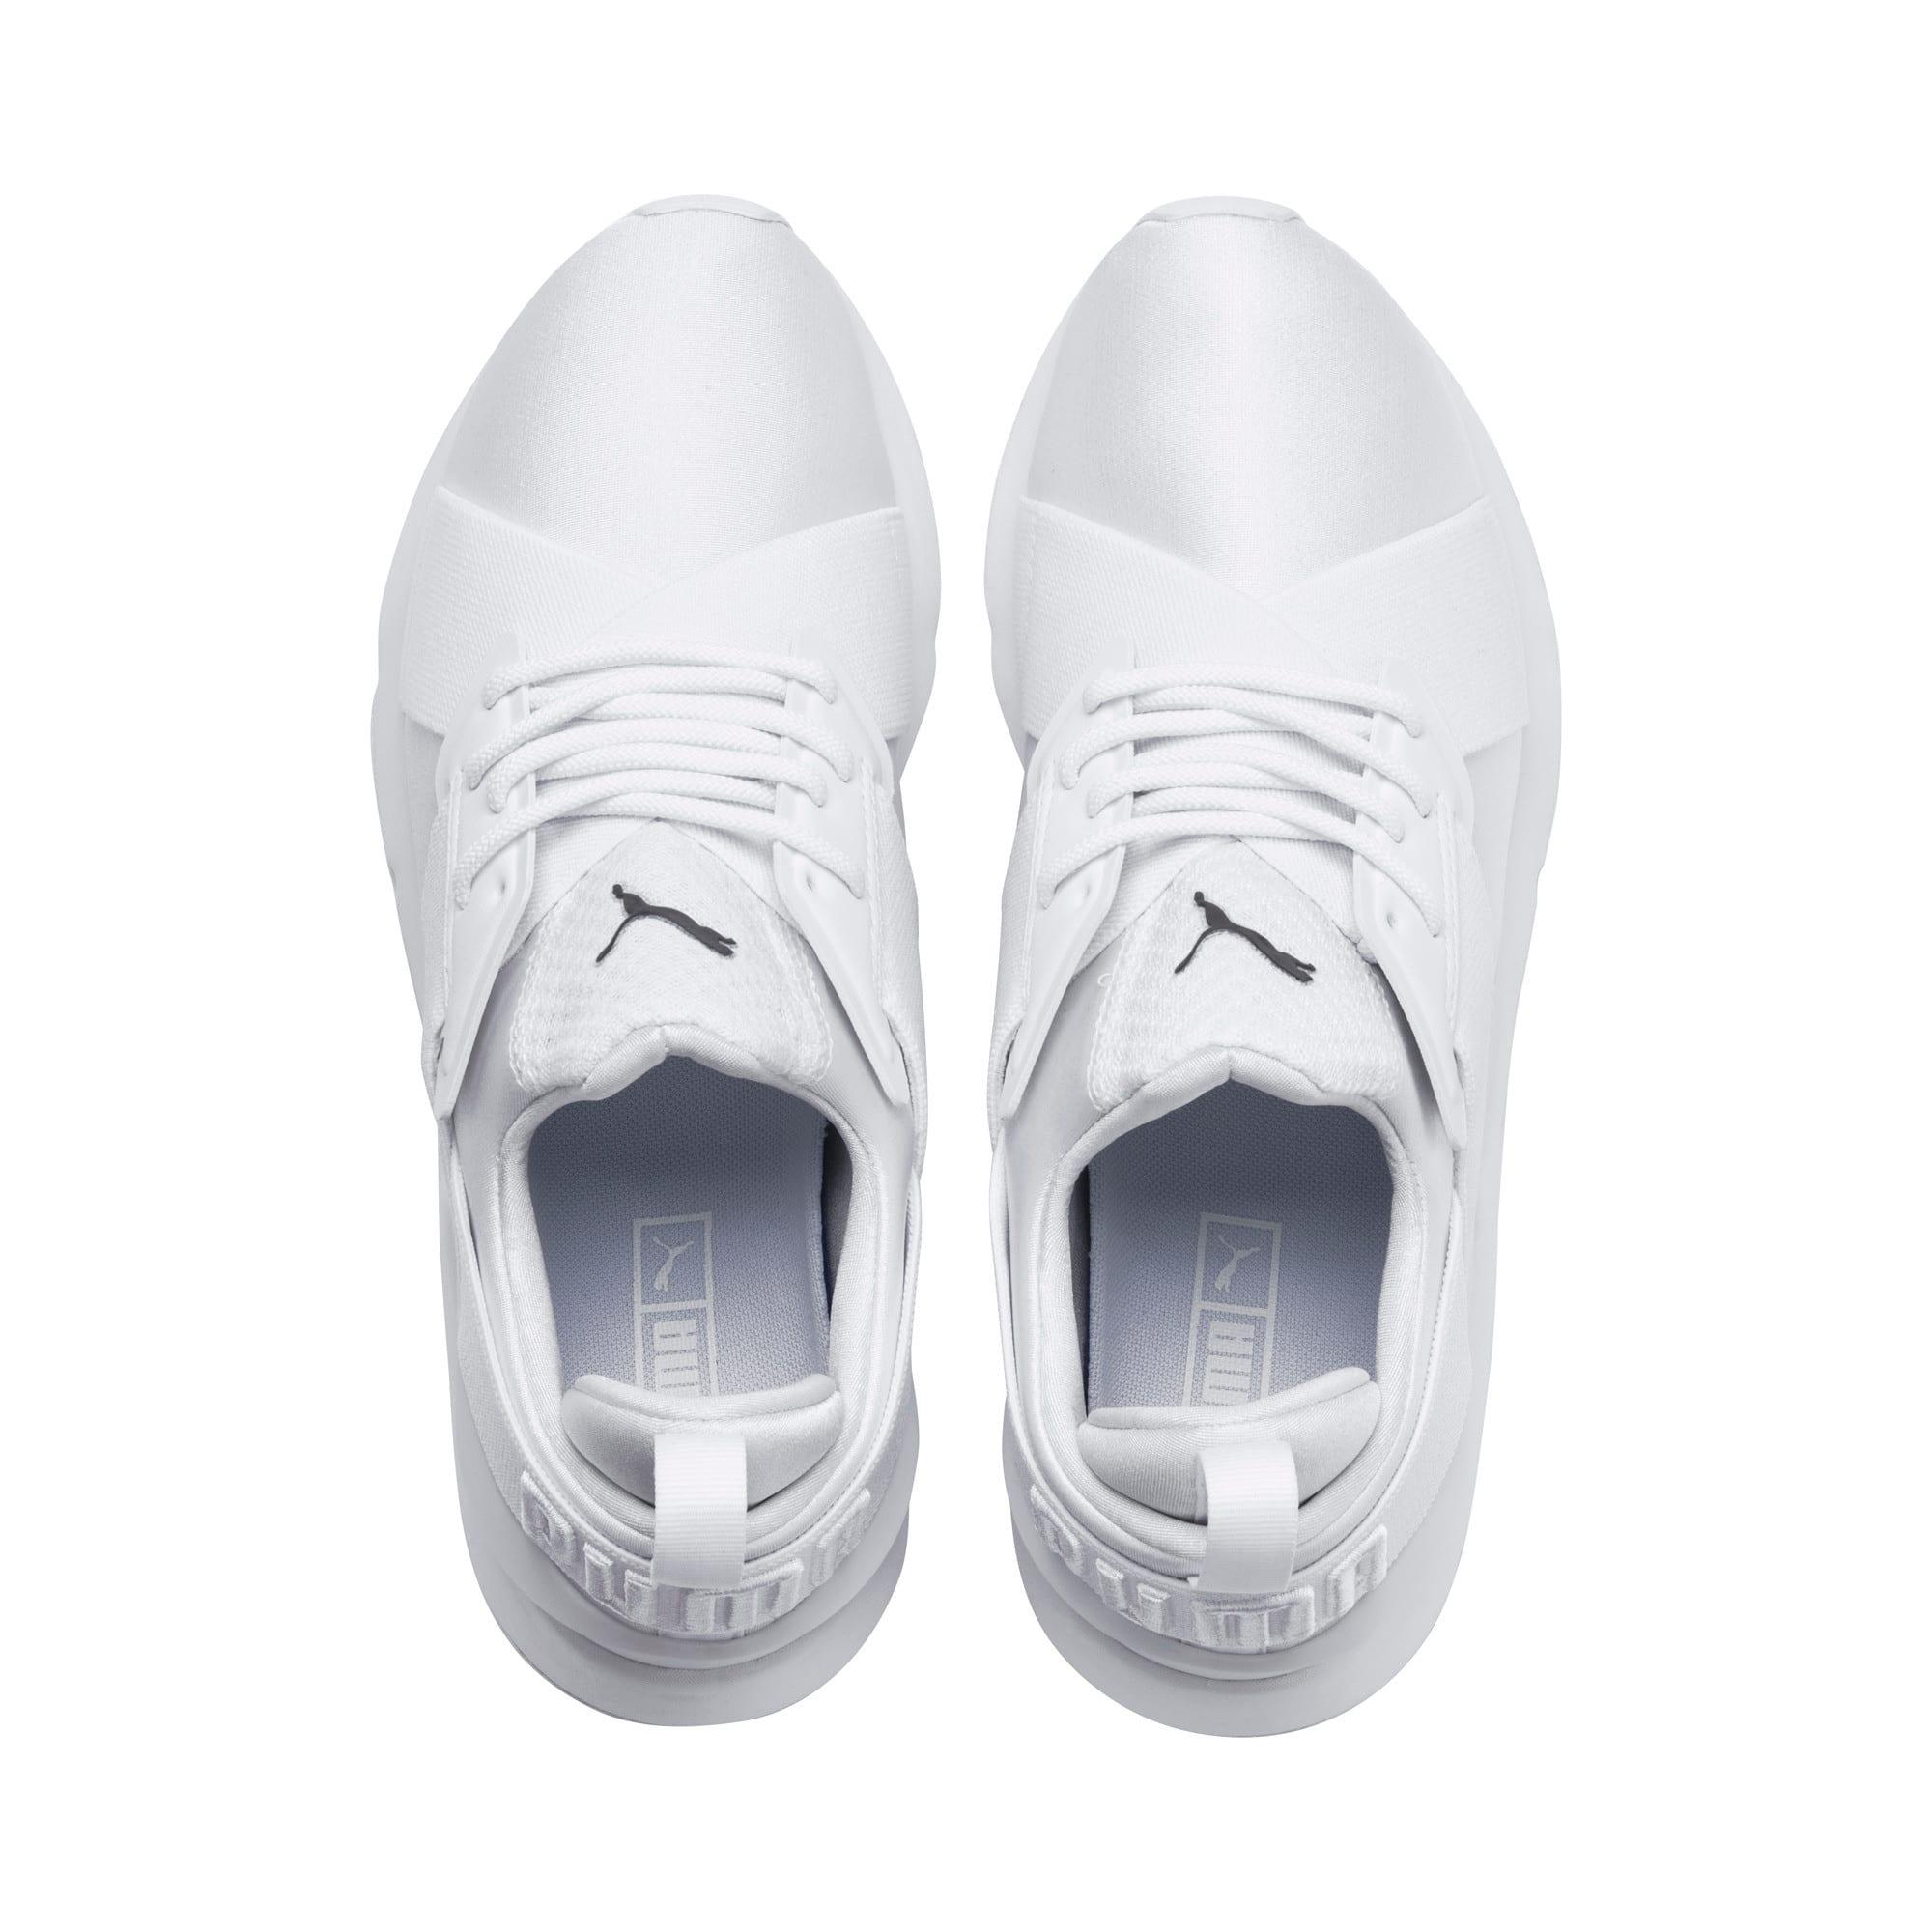 Thumbnail 6 of En Pointe Muse Satin Women's Sneakers, Puma White-Puma White, medium